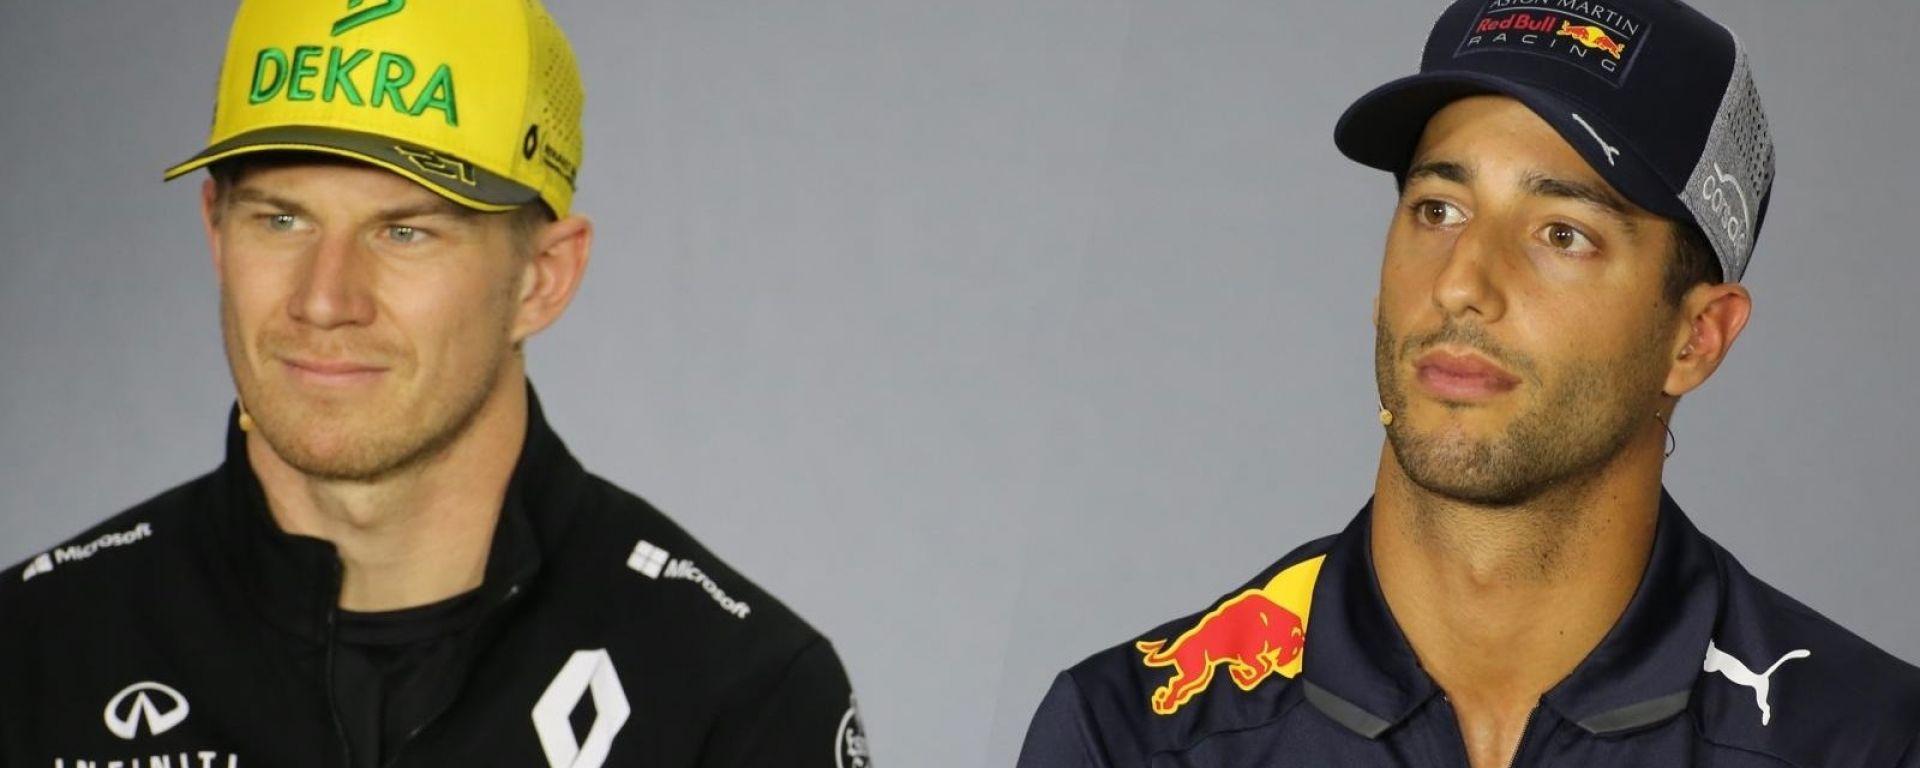 Nico Hulkenberg e Daniel Ricciardo, il prossimo anno compagni in Renault